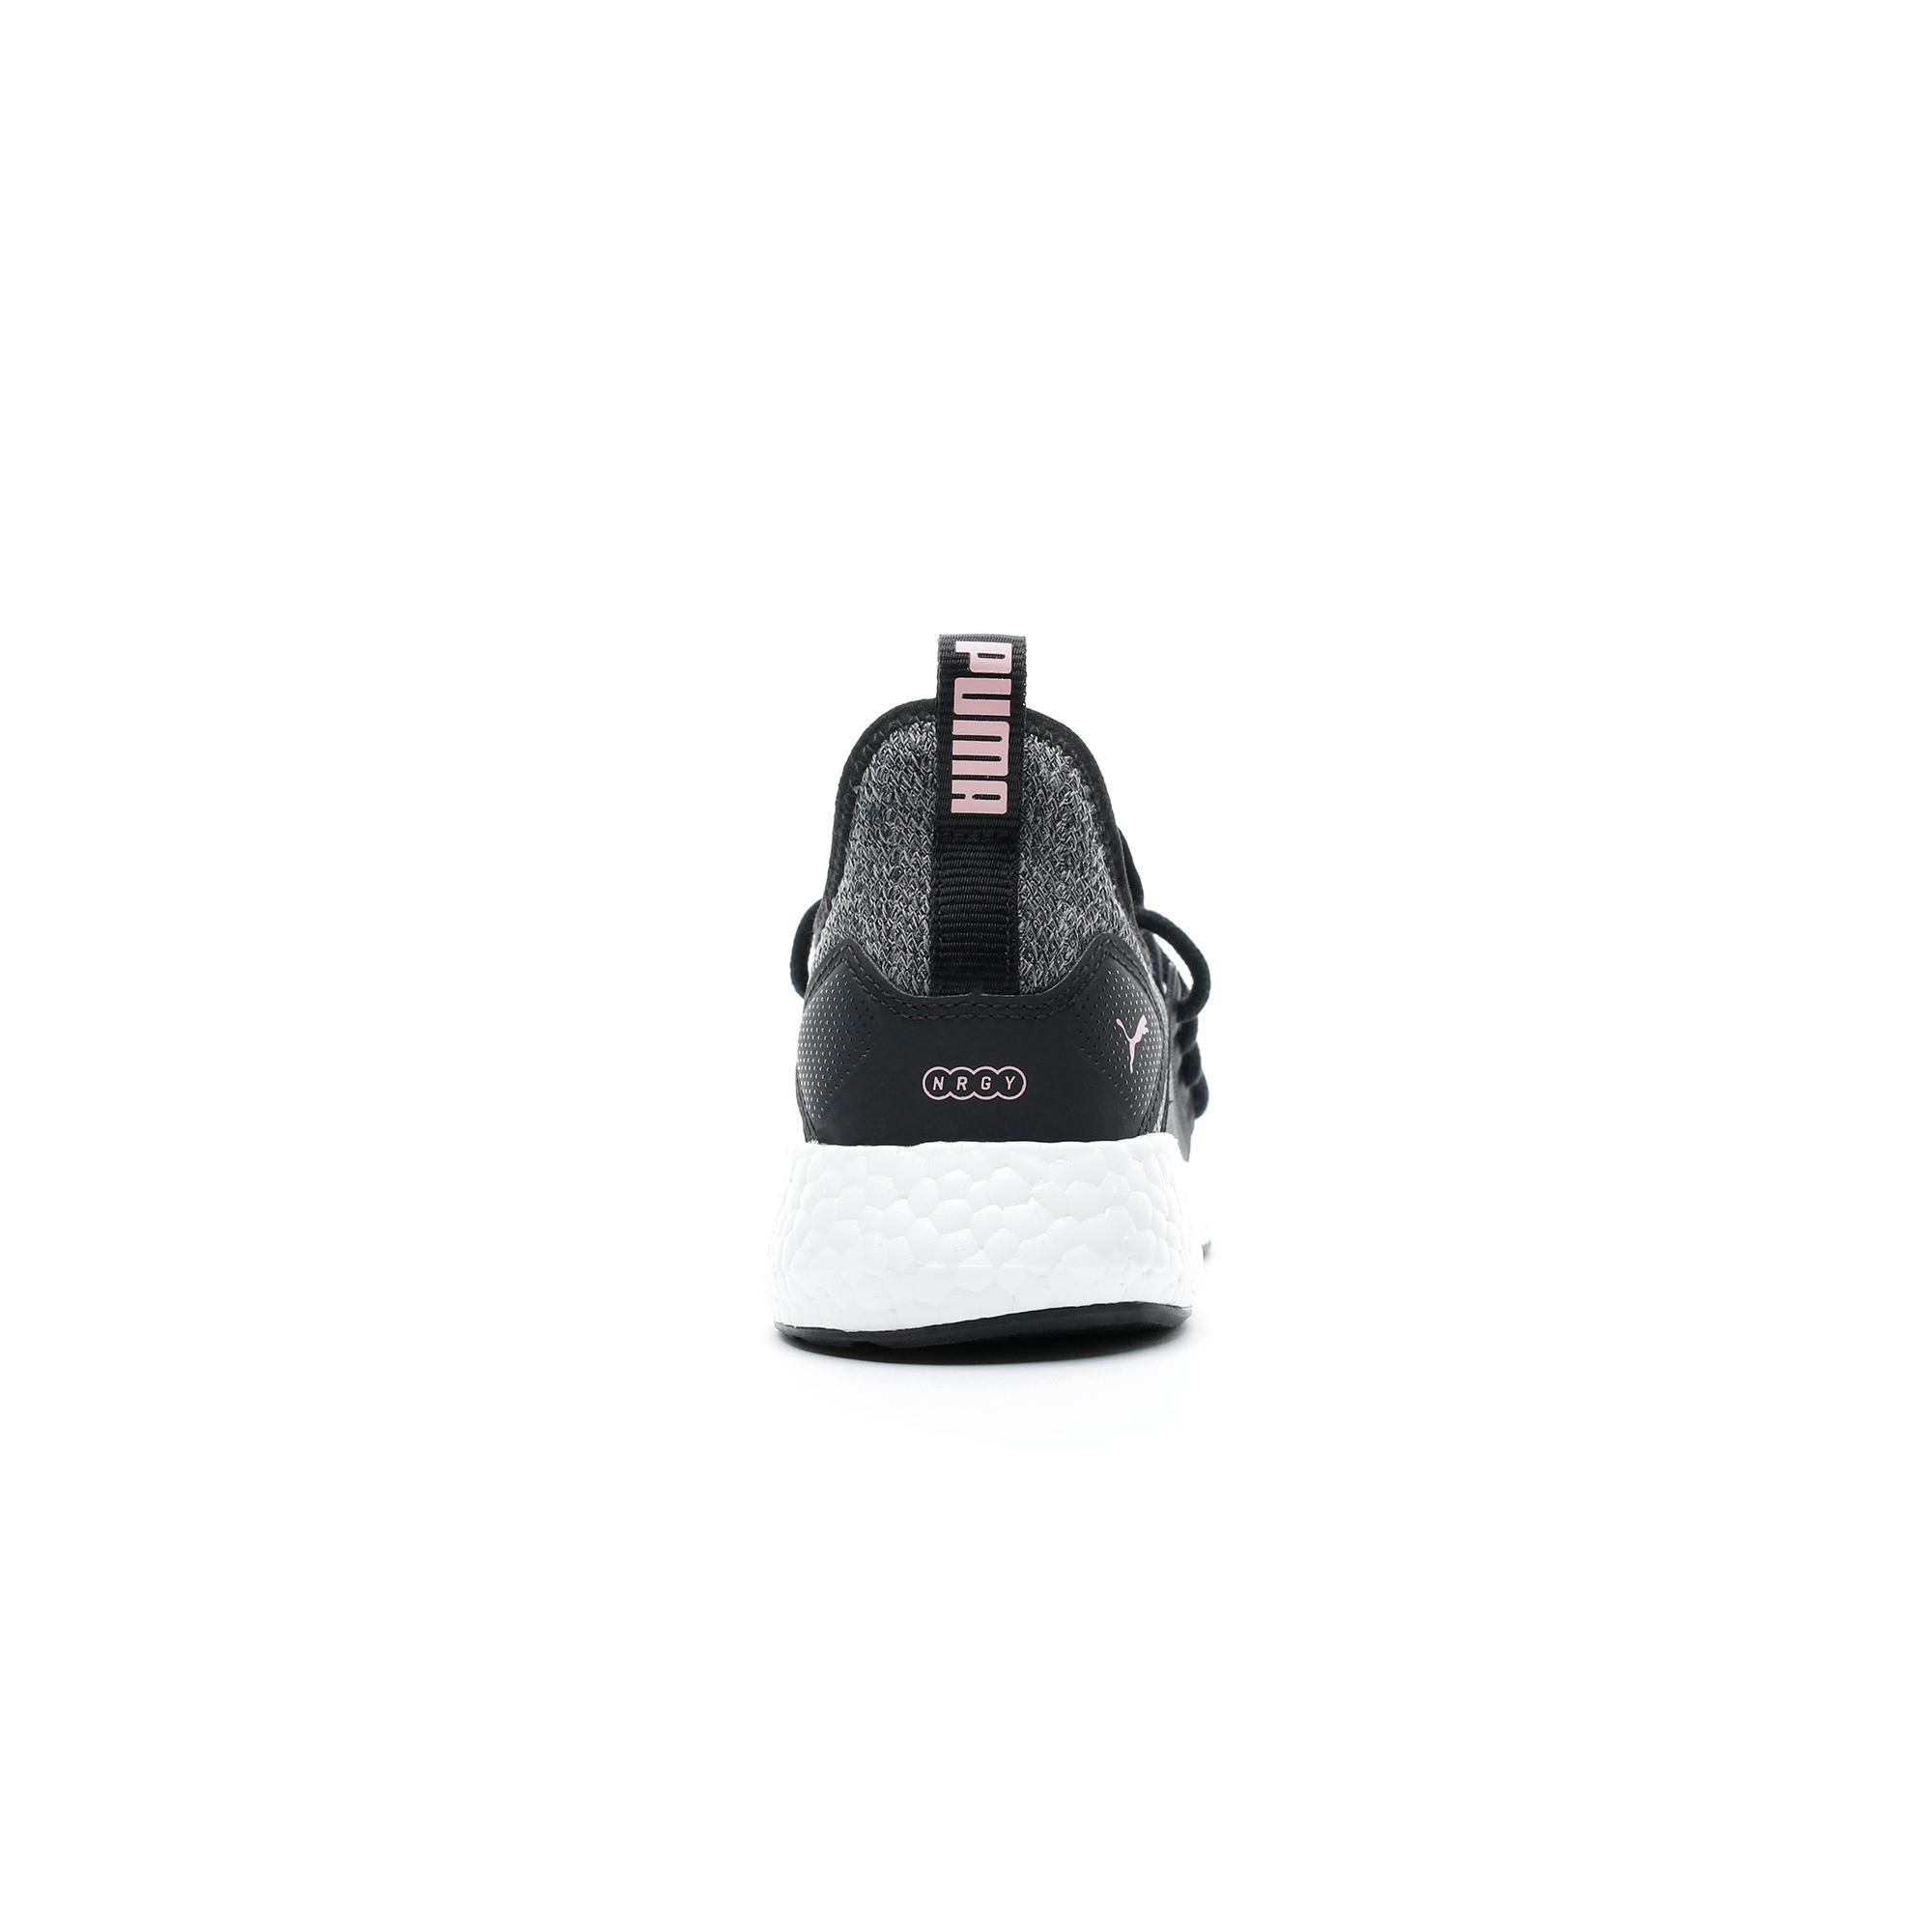 Puma Nrgy Neko Kadın Gri Spor Ayakkabı